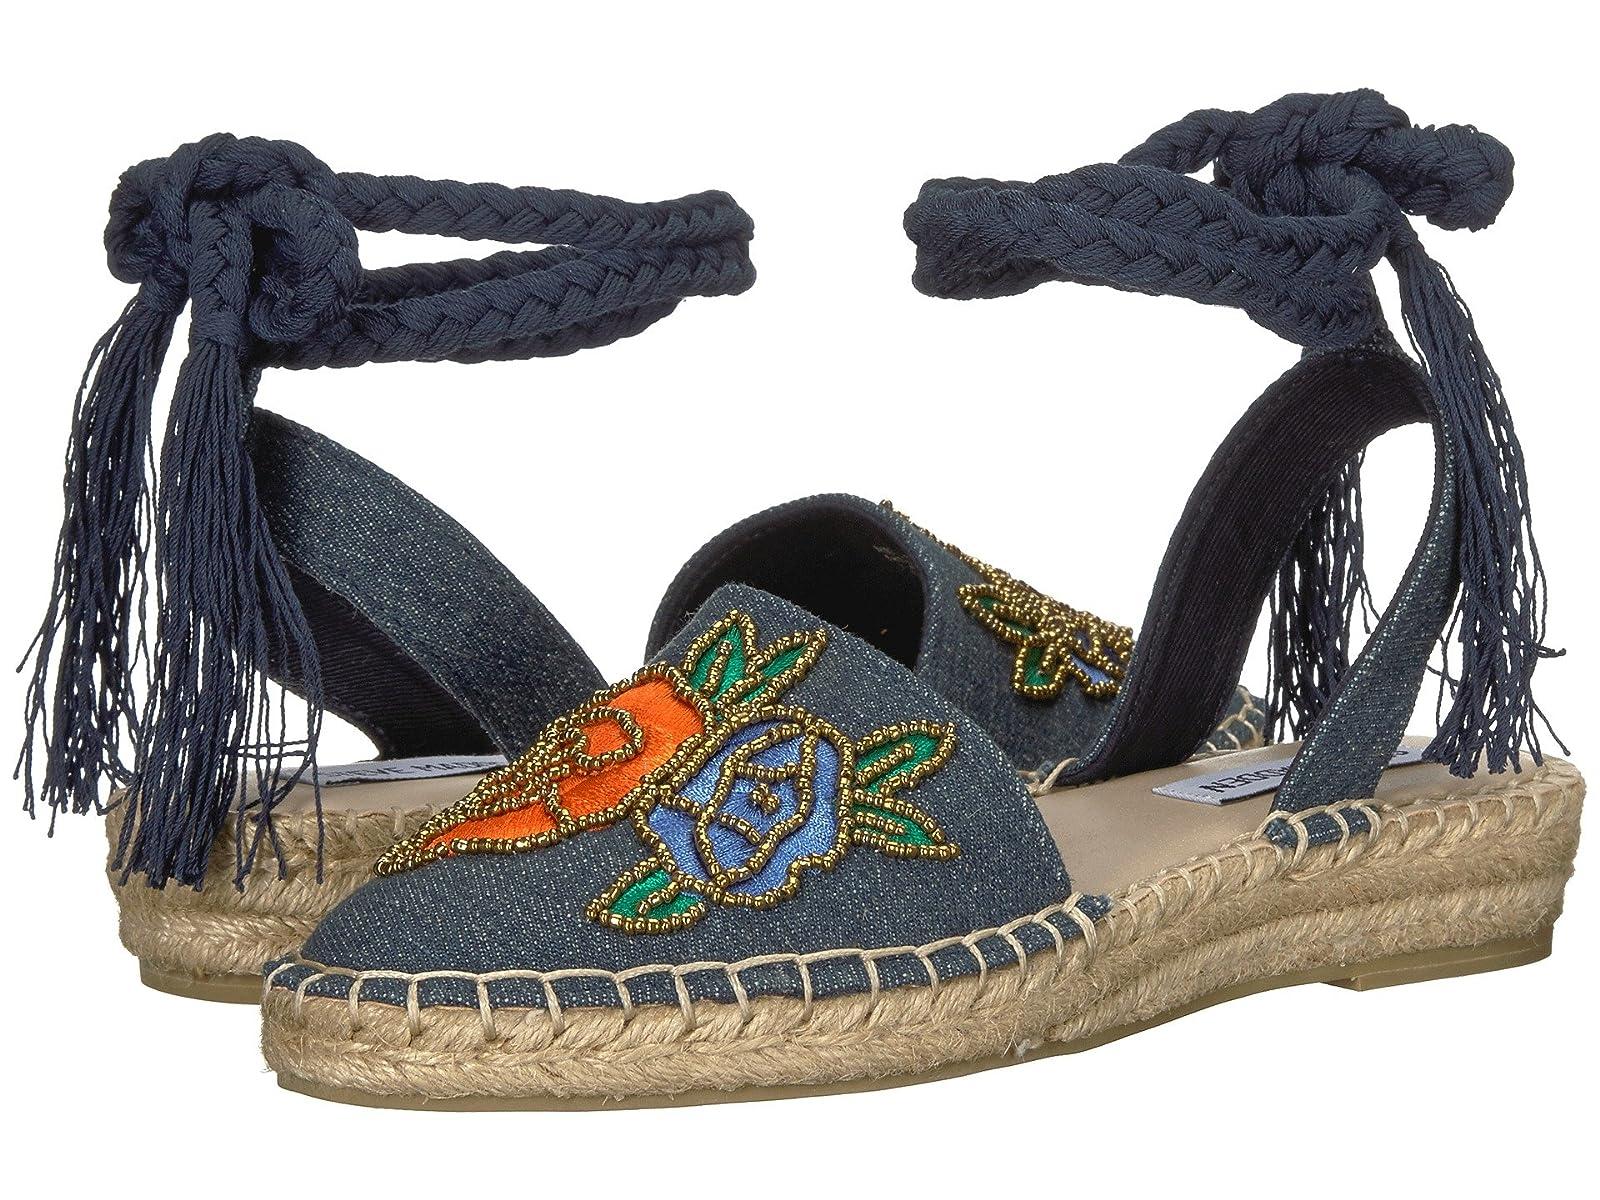 Steve Madden MesaAtmospheric grades have affordable shoes